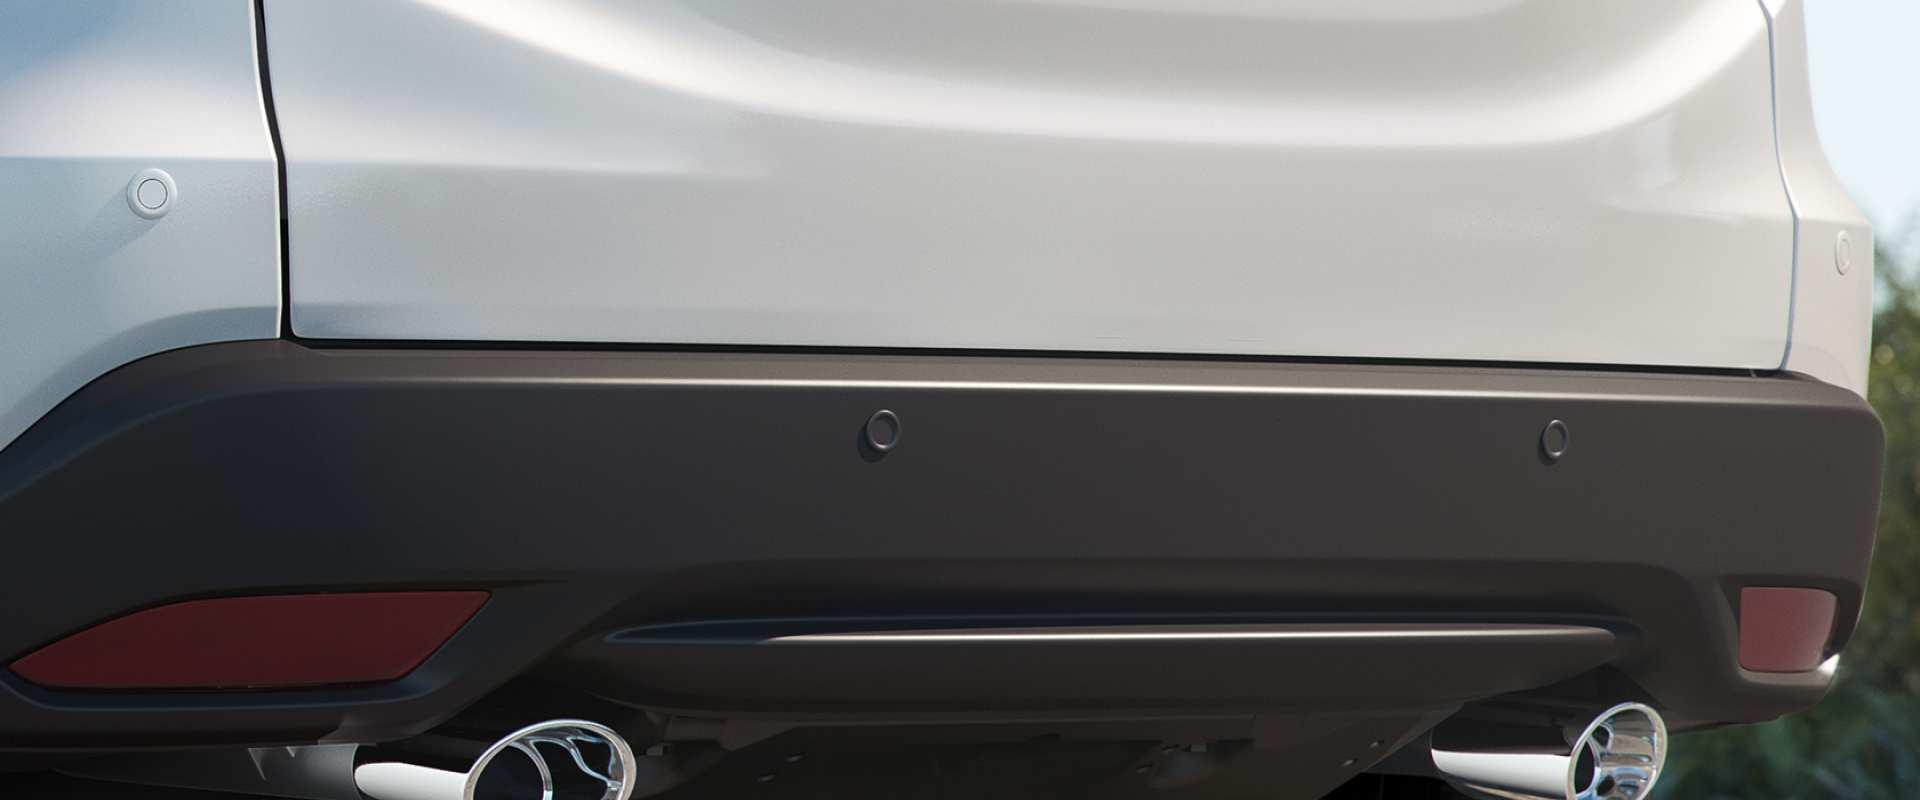 Sensores de estacionamento frontais e traseiros